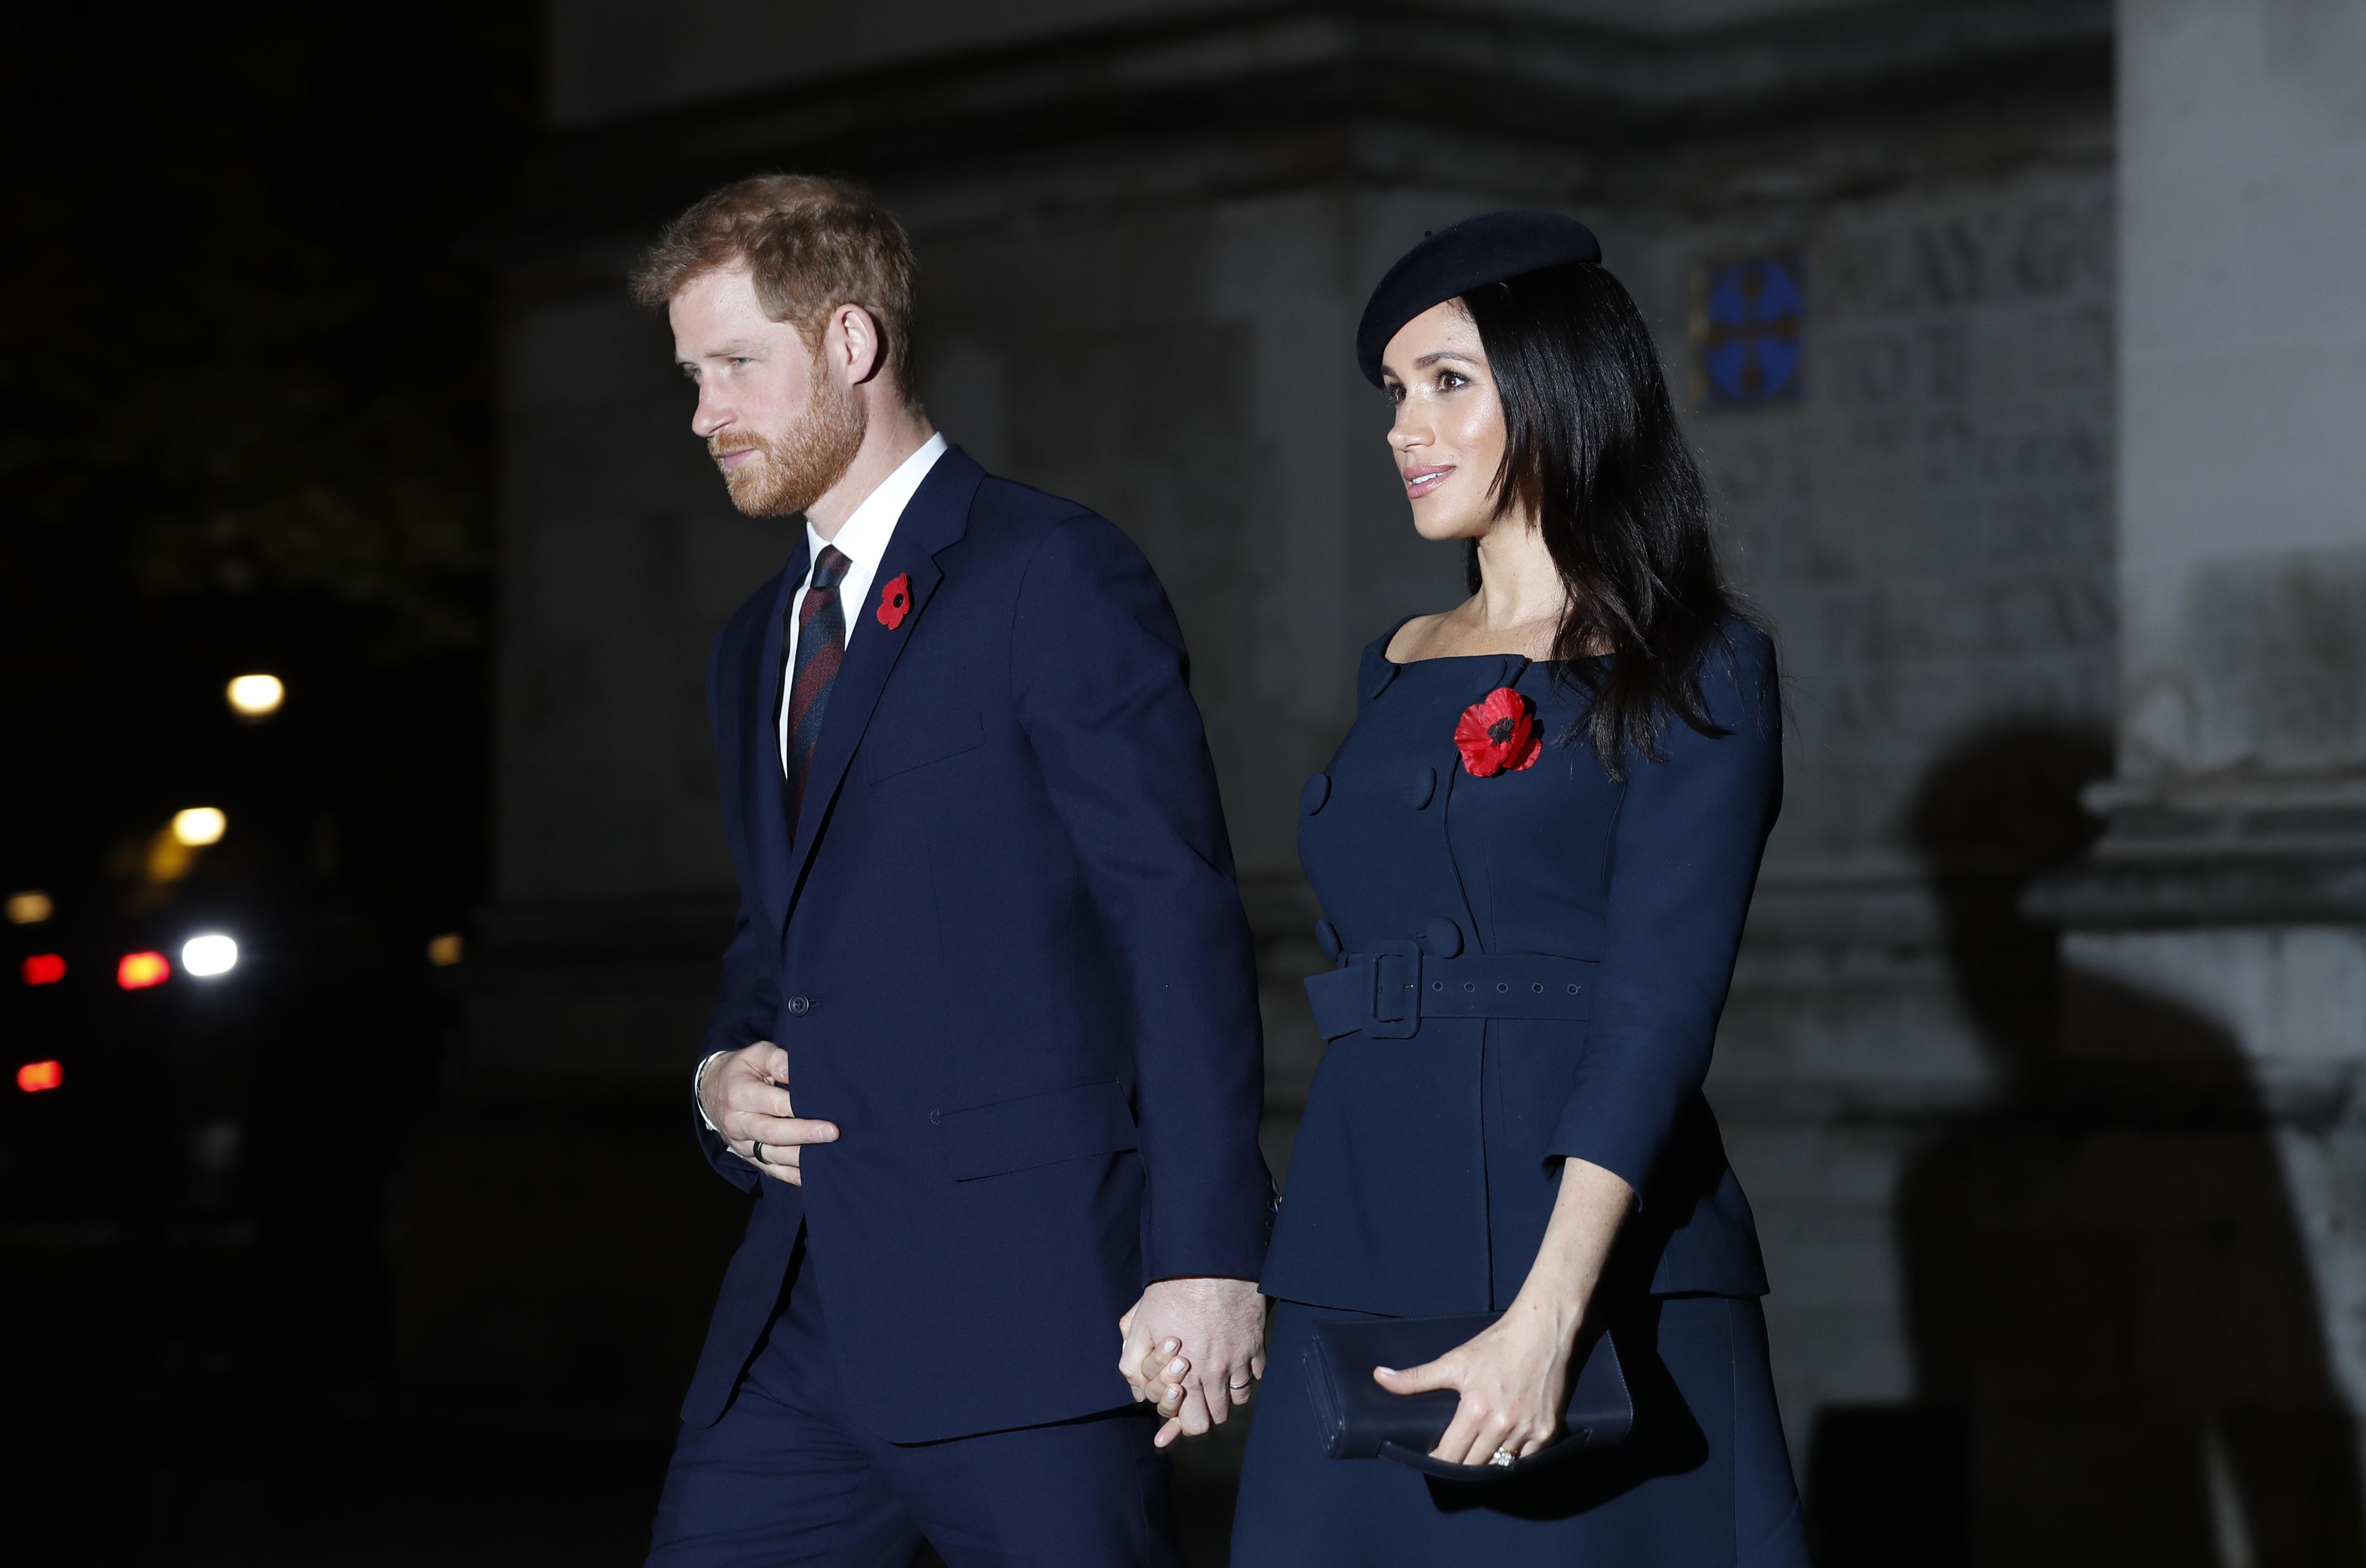 Temprano en noviembre de 2019, Meghan y Harry anunciaron que pasarían la Navidad lejos de la familia real. Semanas después se supo que el destino sería Canadá. (Archivo)